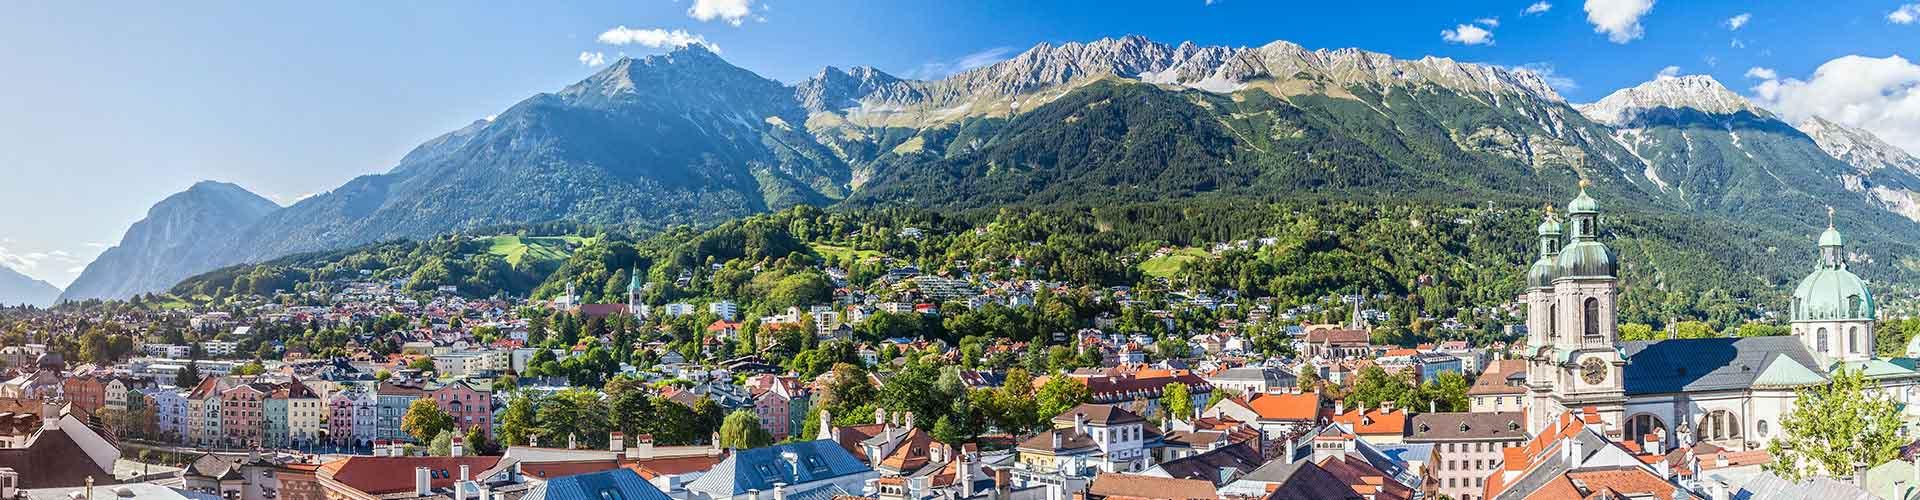 Innsbruck - Habitaciones en Innsbruck. Mapas de Innsbruck, Fotos y comentarios de cada Habitación en Innsbruck.